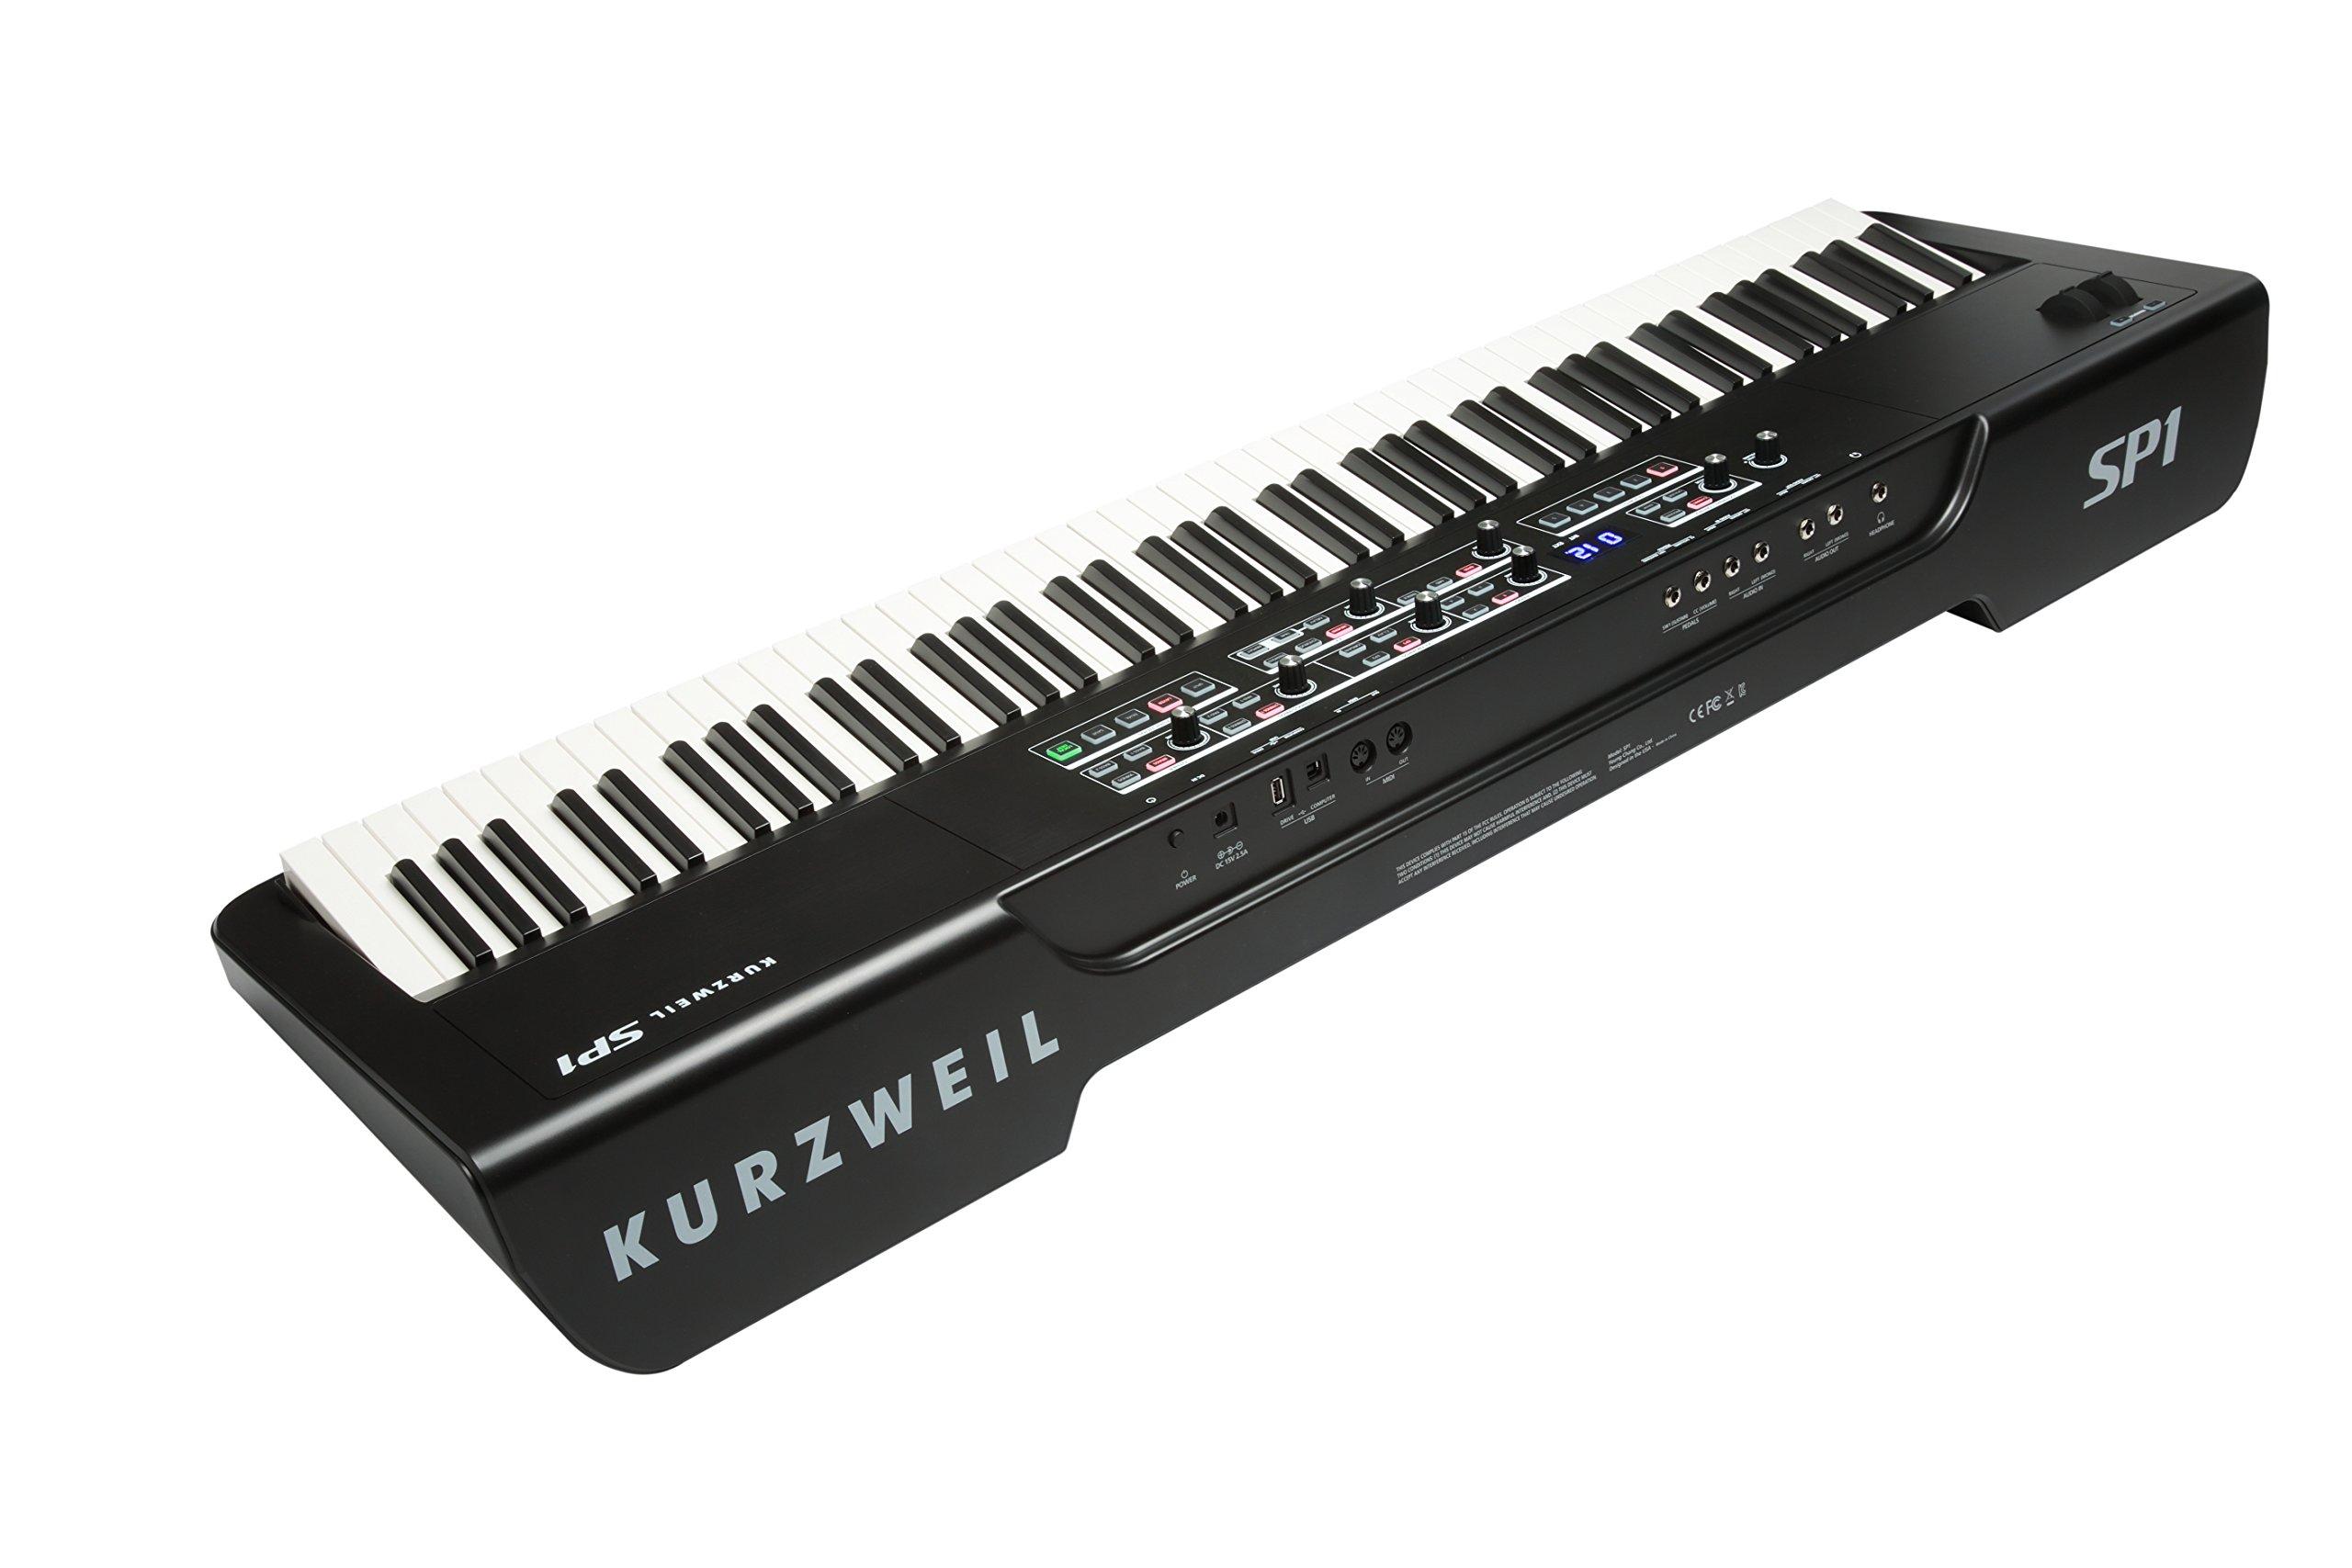 Kurzweil SP1 88-Key Stage Piano, Black (SP1-LB) by Kurzweil (Image #6)